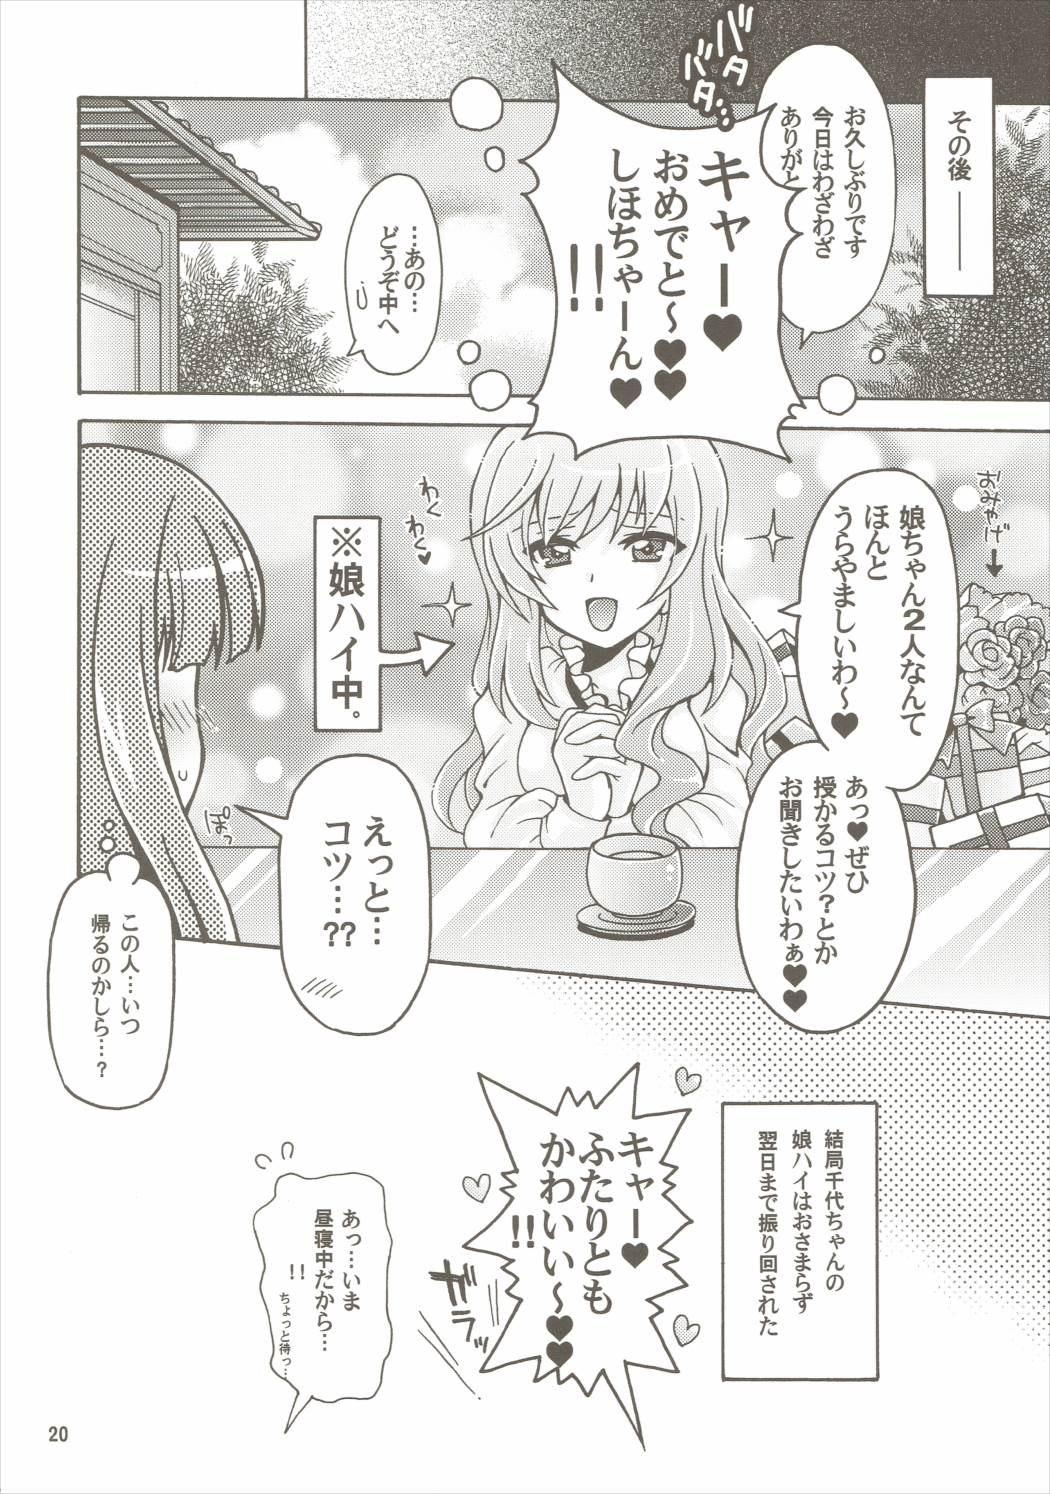 【エロ漫画】巨乳人妻と母乳マッサージで母乳吹き出しまくりでクッソエロいwwwww